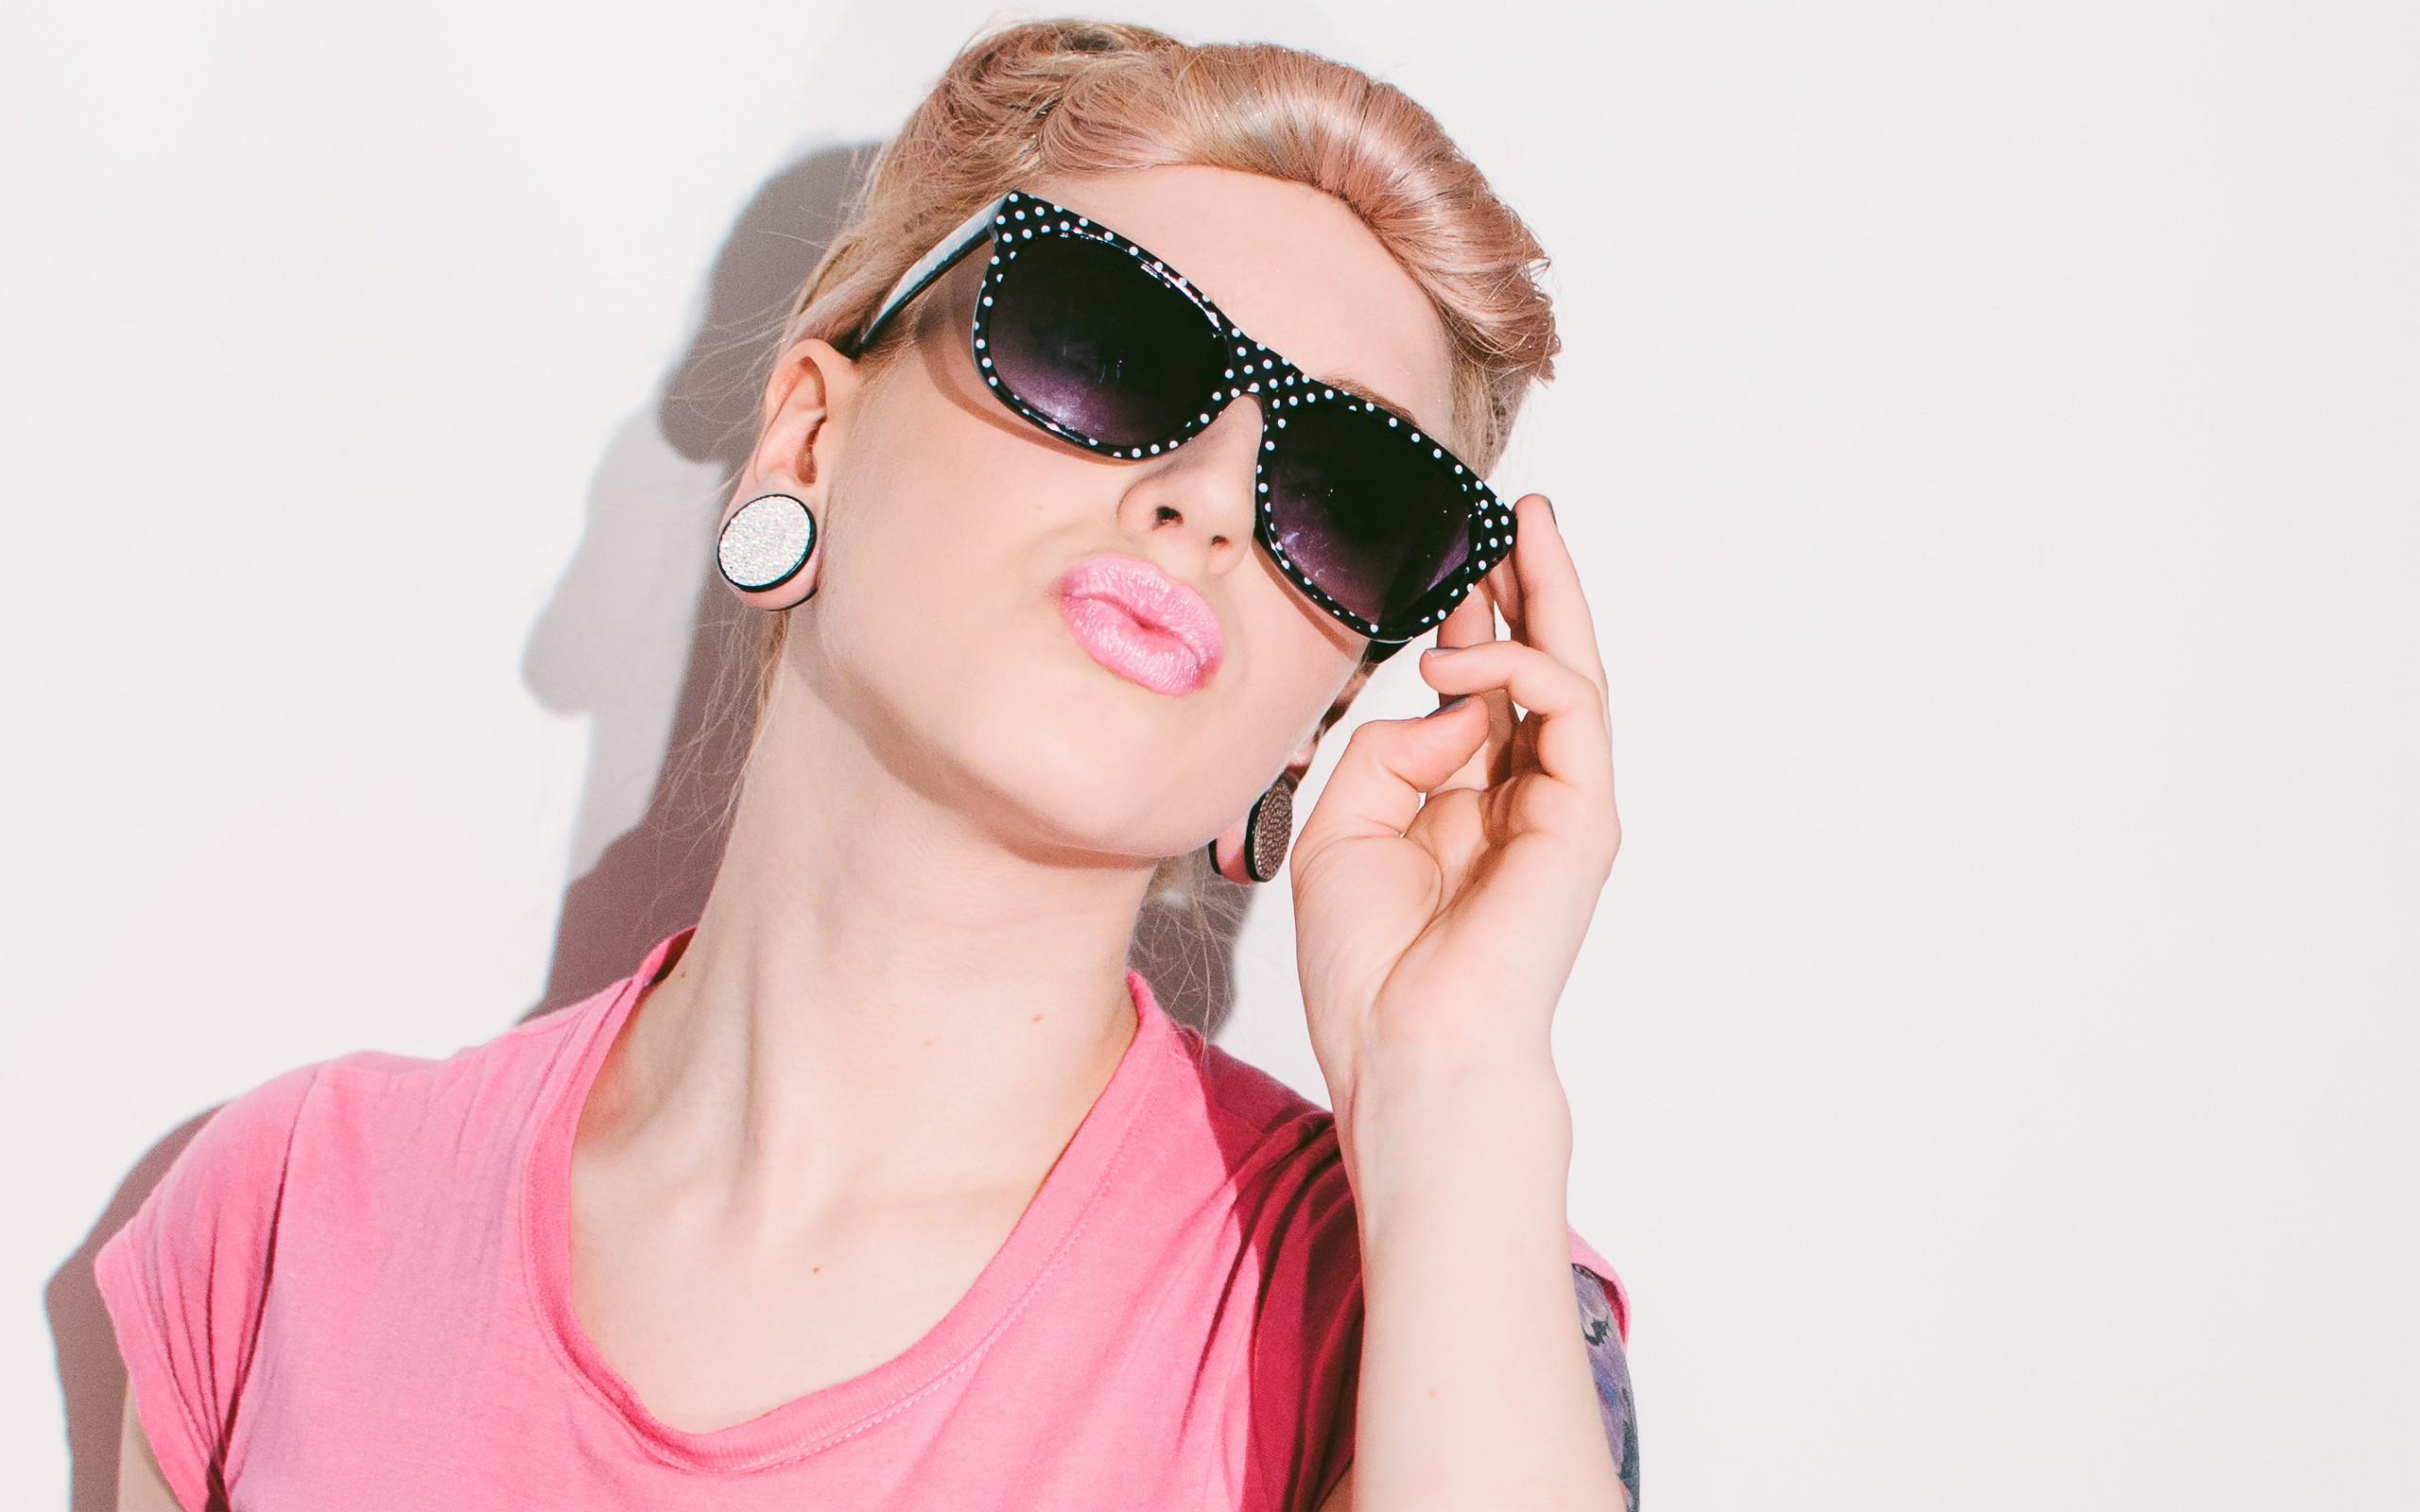 Chica fashion - 2560x1600